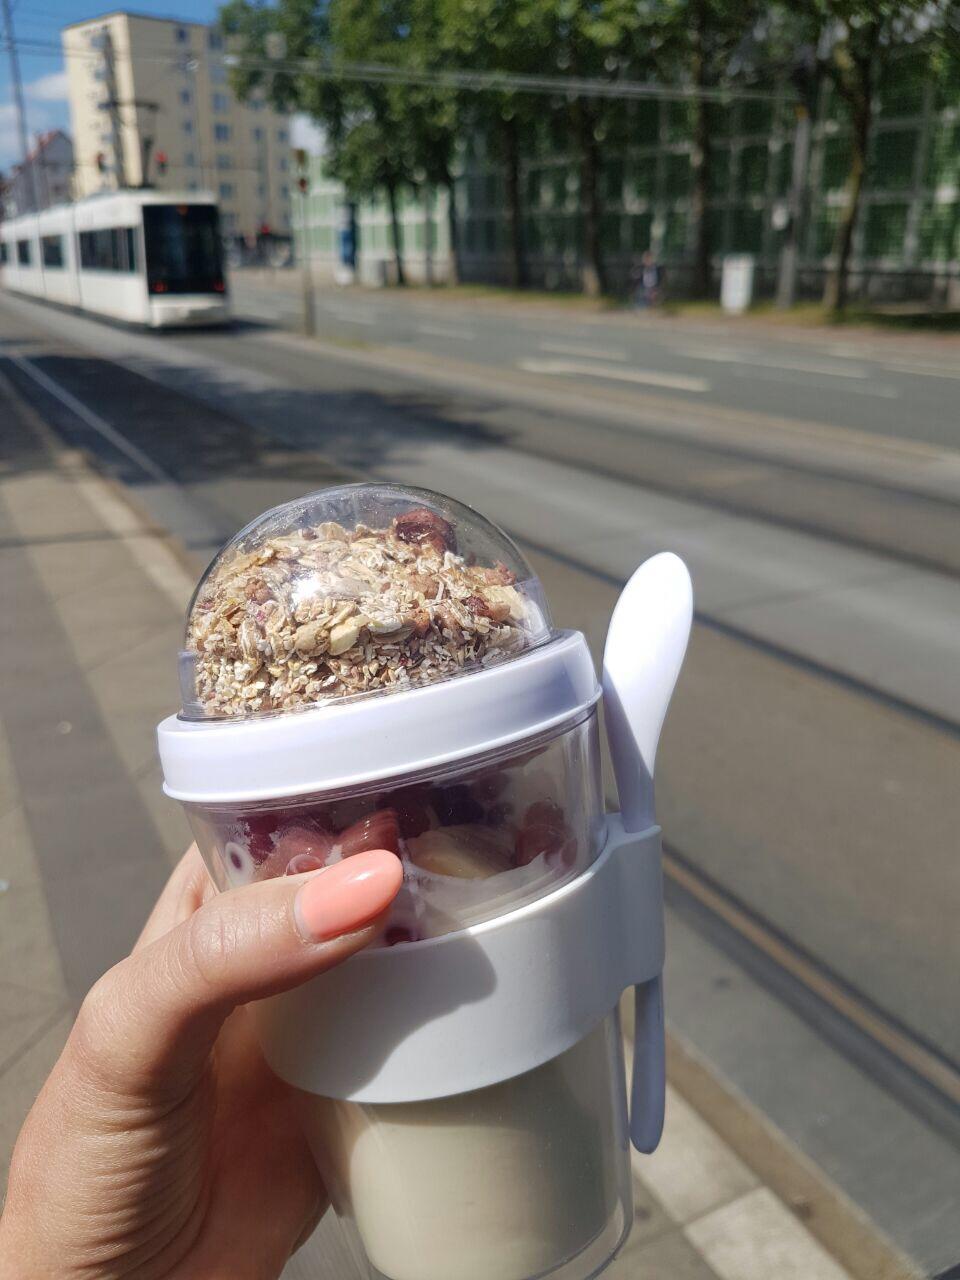 Yoghurt to go-Becher 'Pina' aus Kunststoff